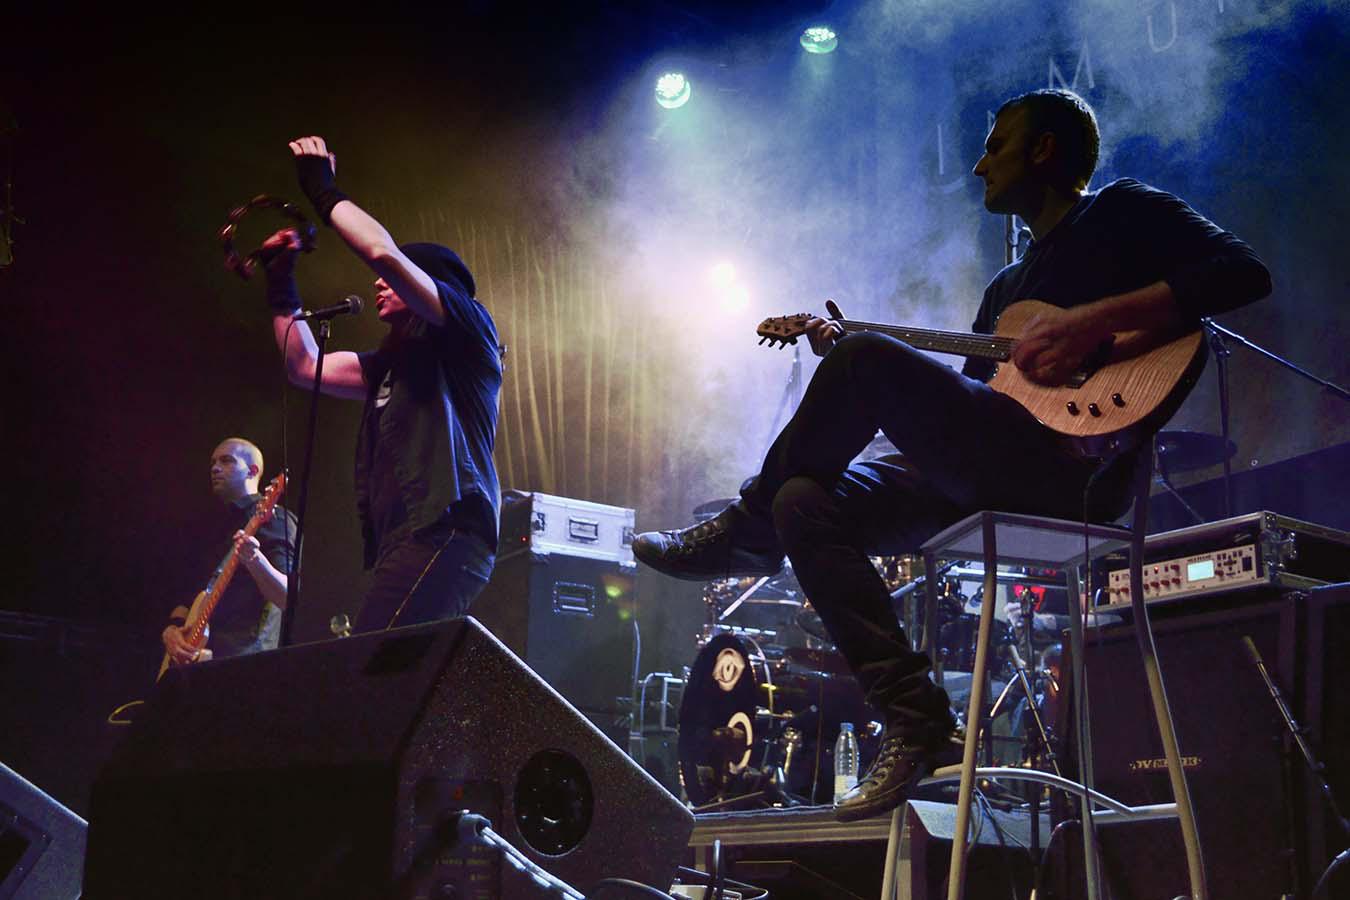 Paulo Live 04